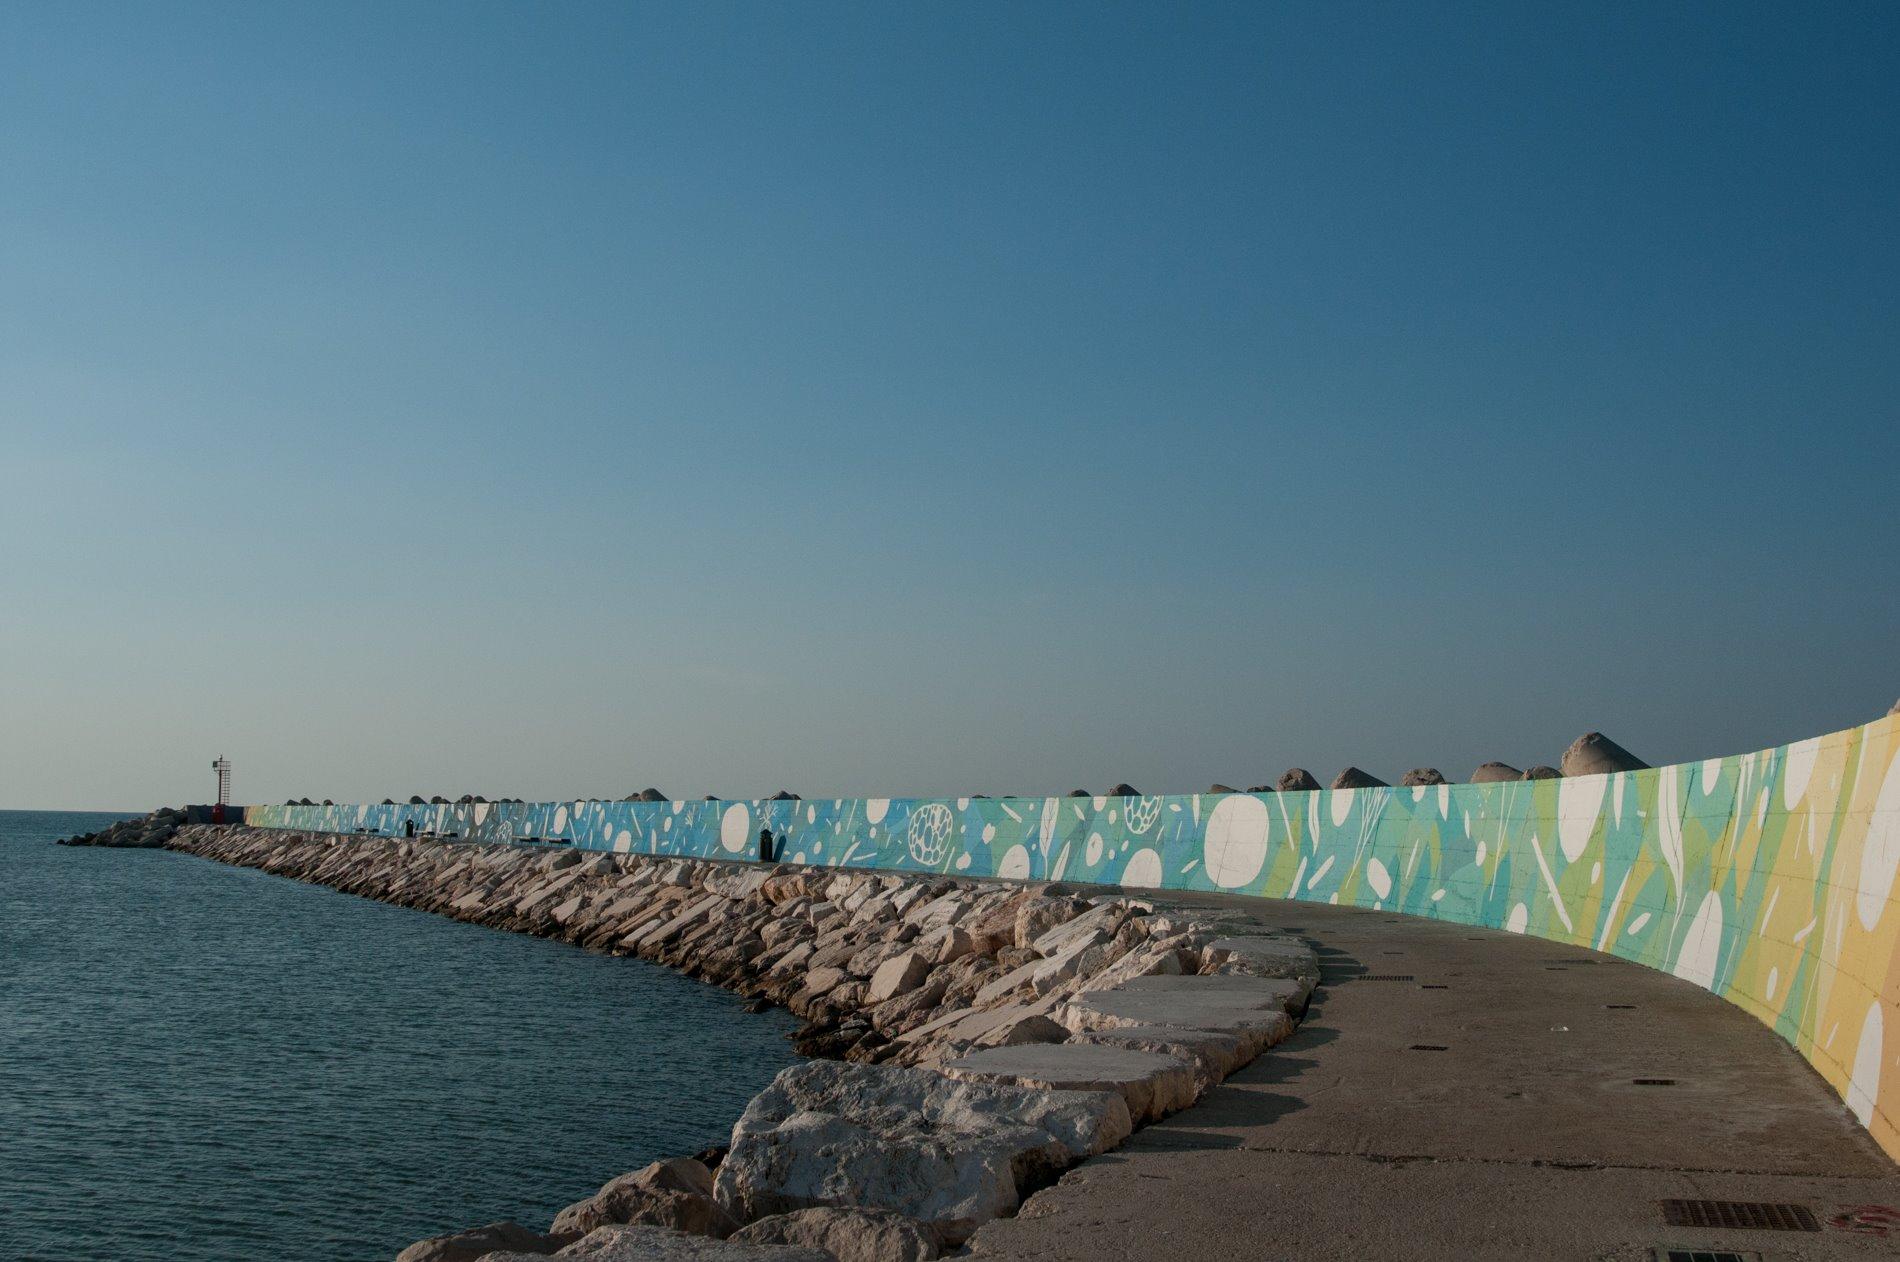 Tellas, Ciclico, Molo di Levante, Porto di Pesaro. Foto © Katia Boiani